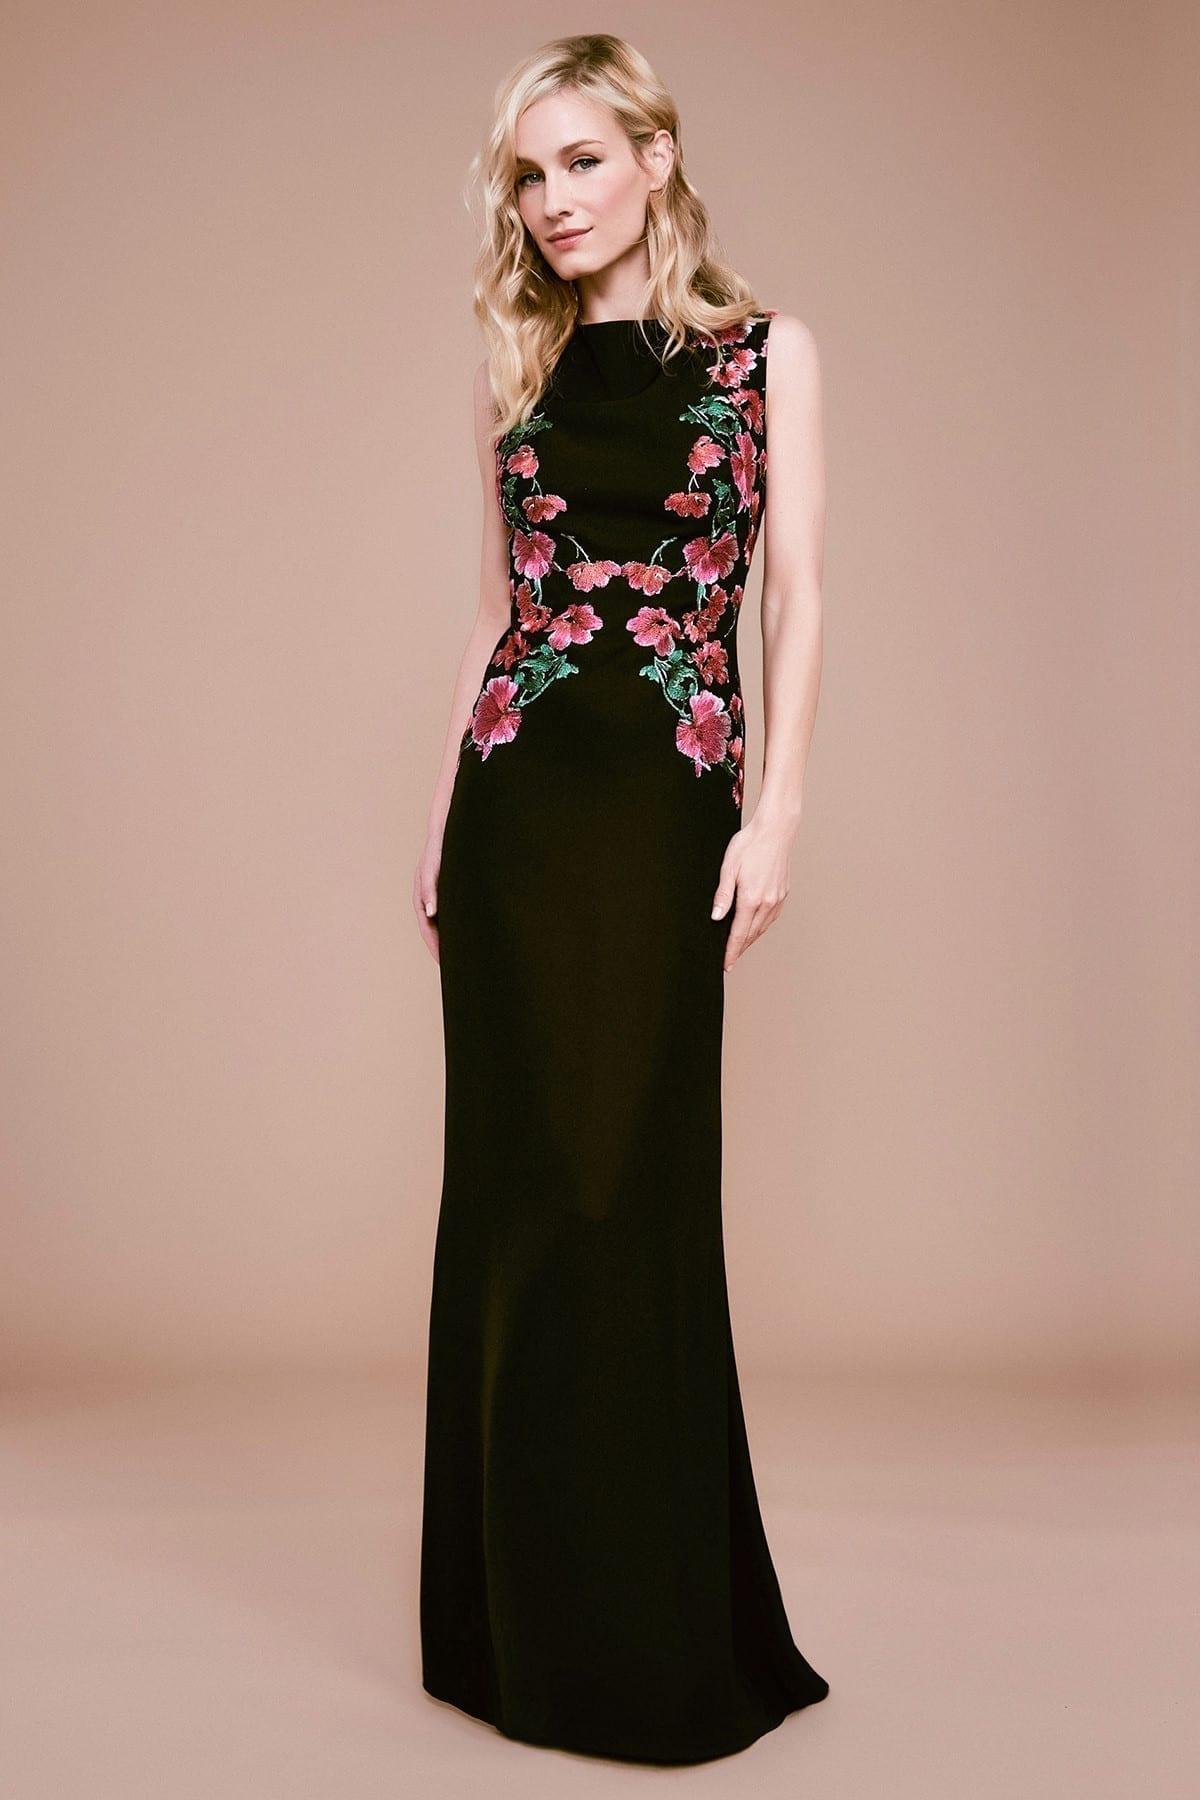 TADASHI SHOJI Samar Floral Embroidered Lace Gown